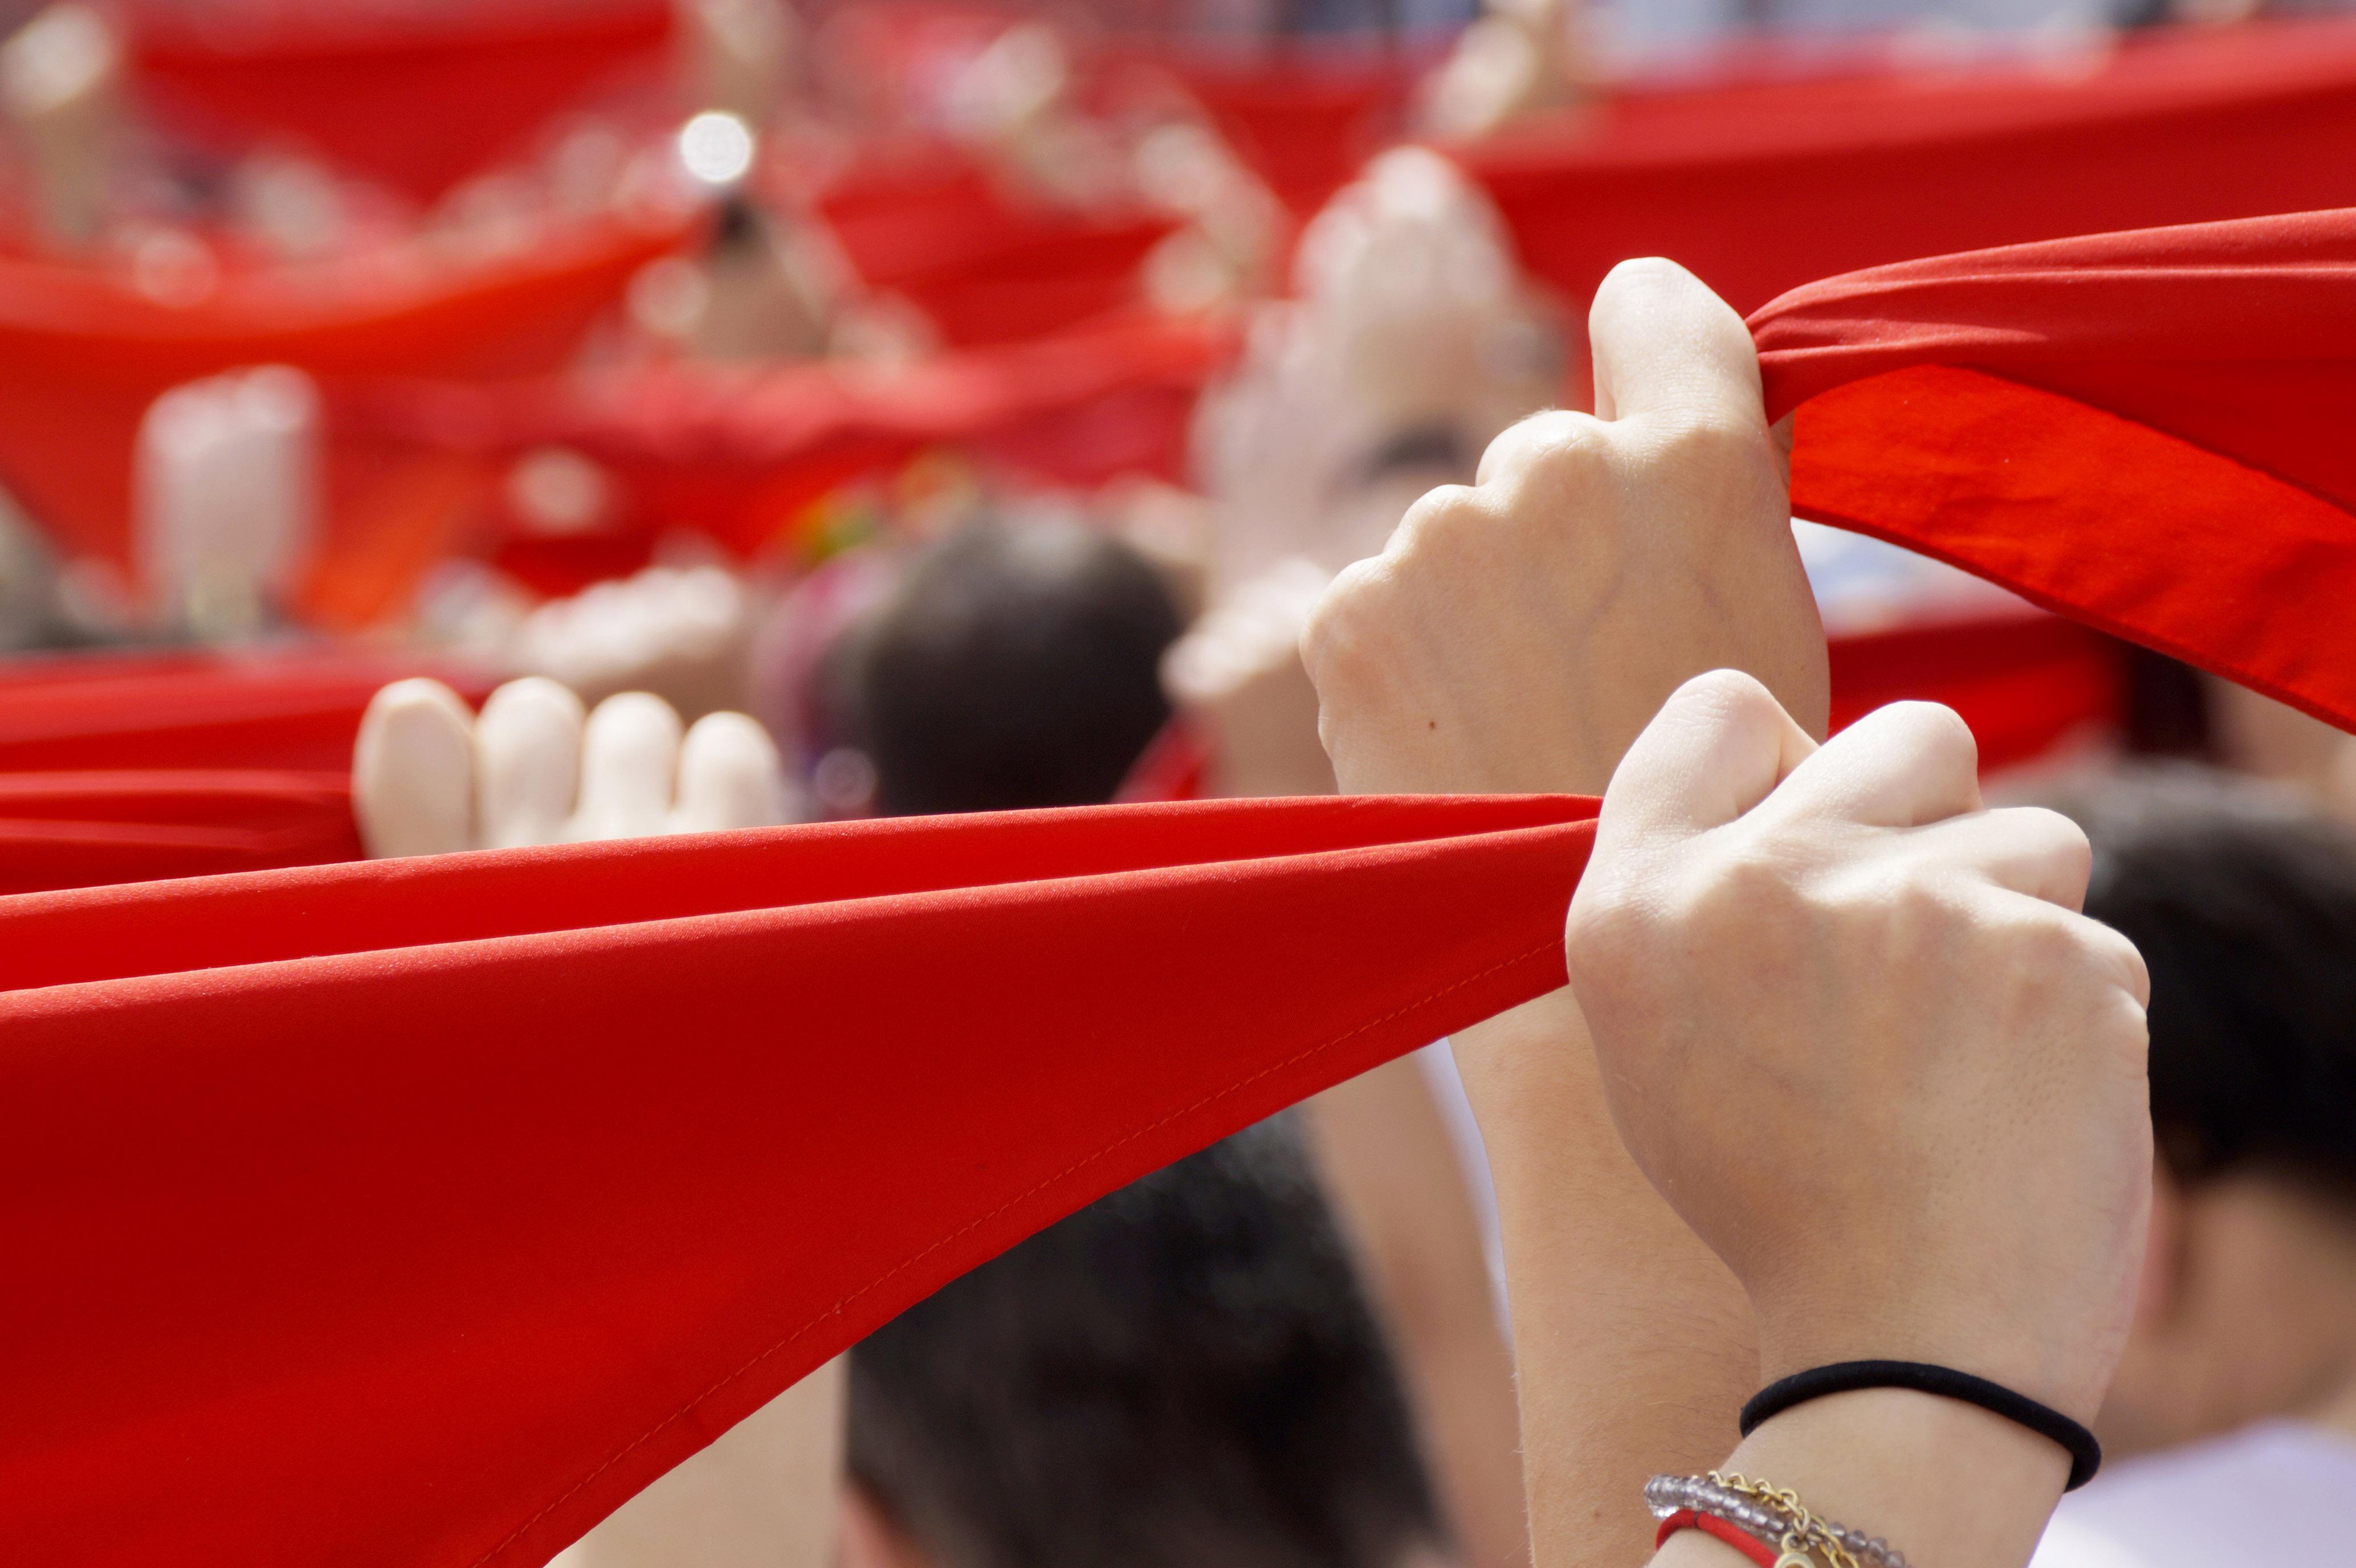 La plaza del Ayuntamiento de Pamplona fue el escenario un 6 de julio del amor fugaz que dio lugar a esta promesa.